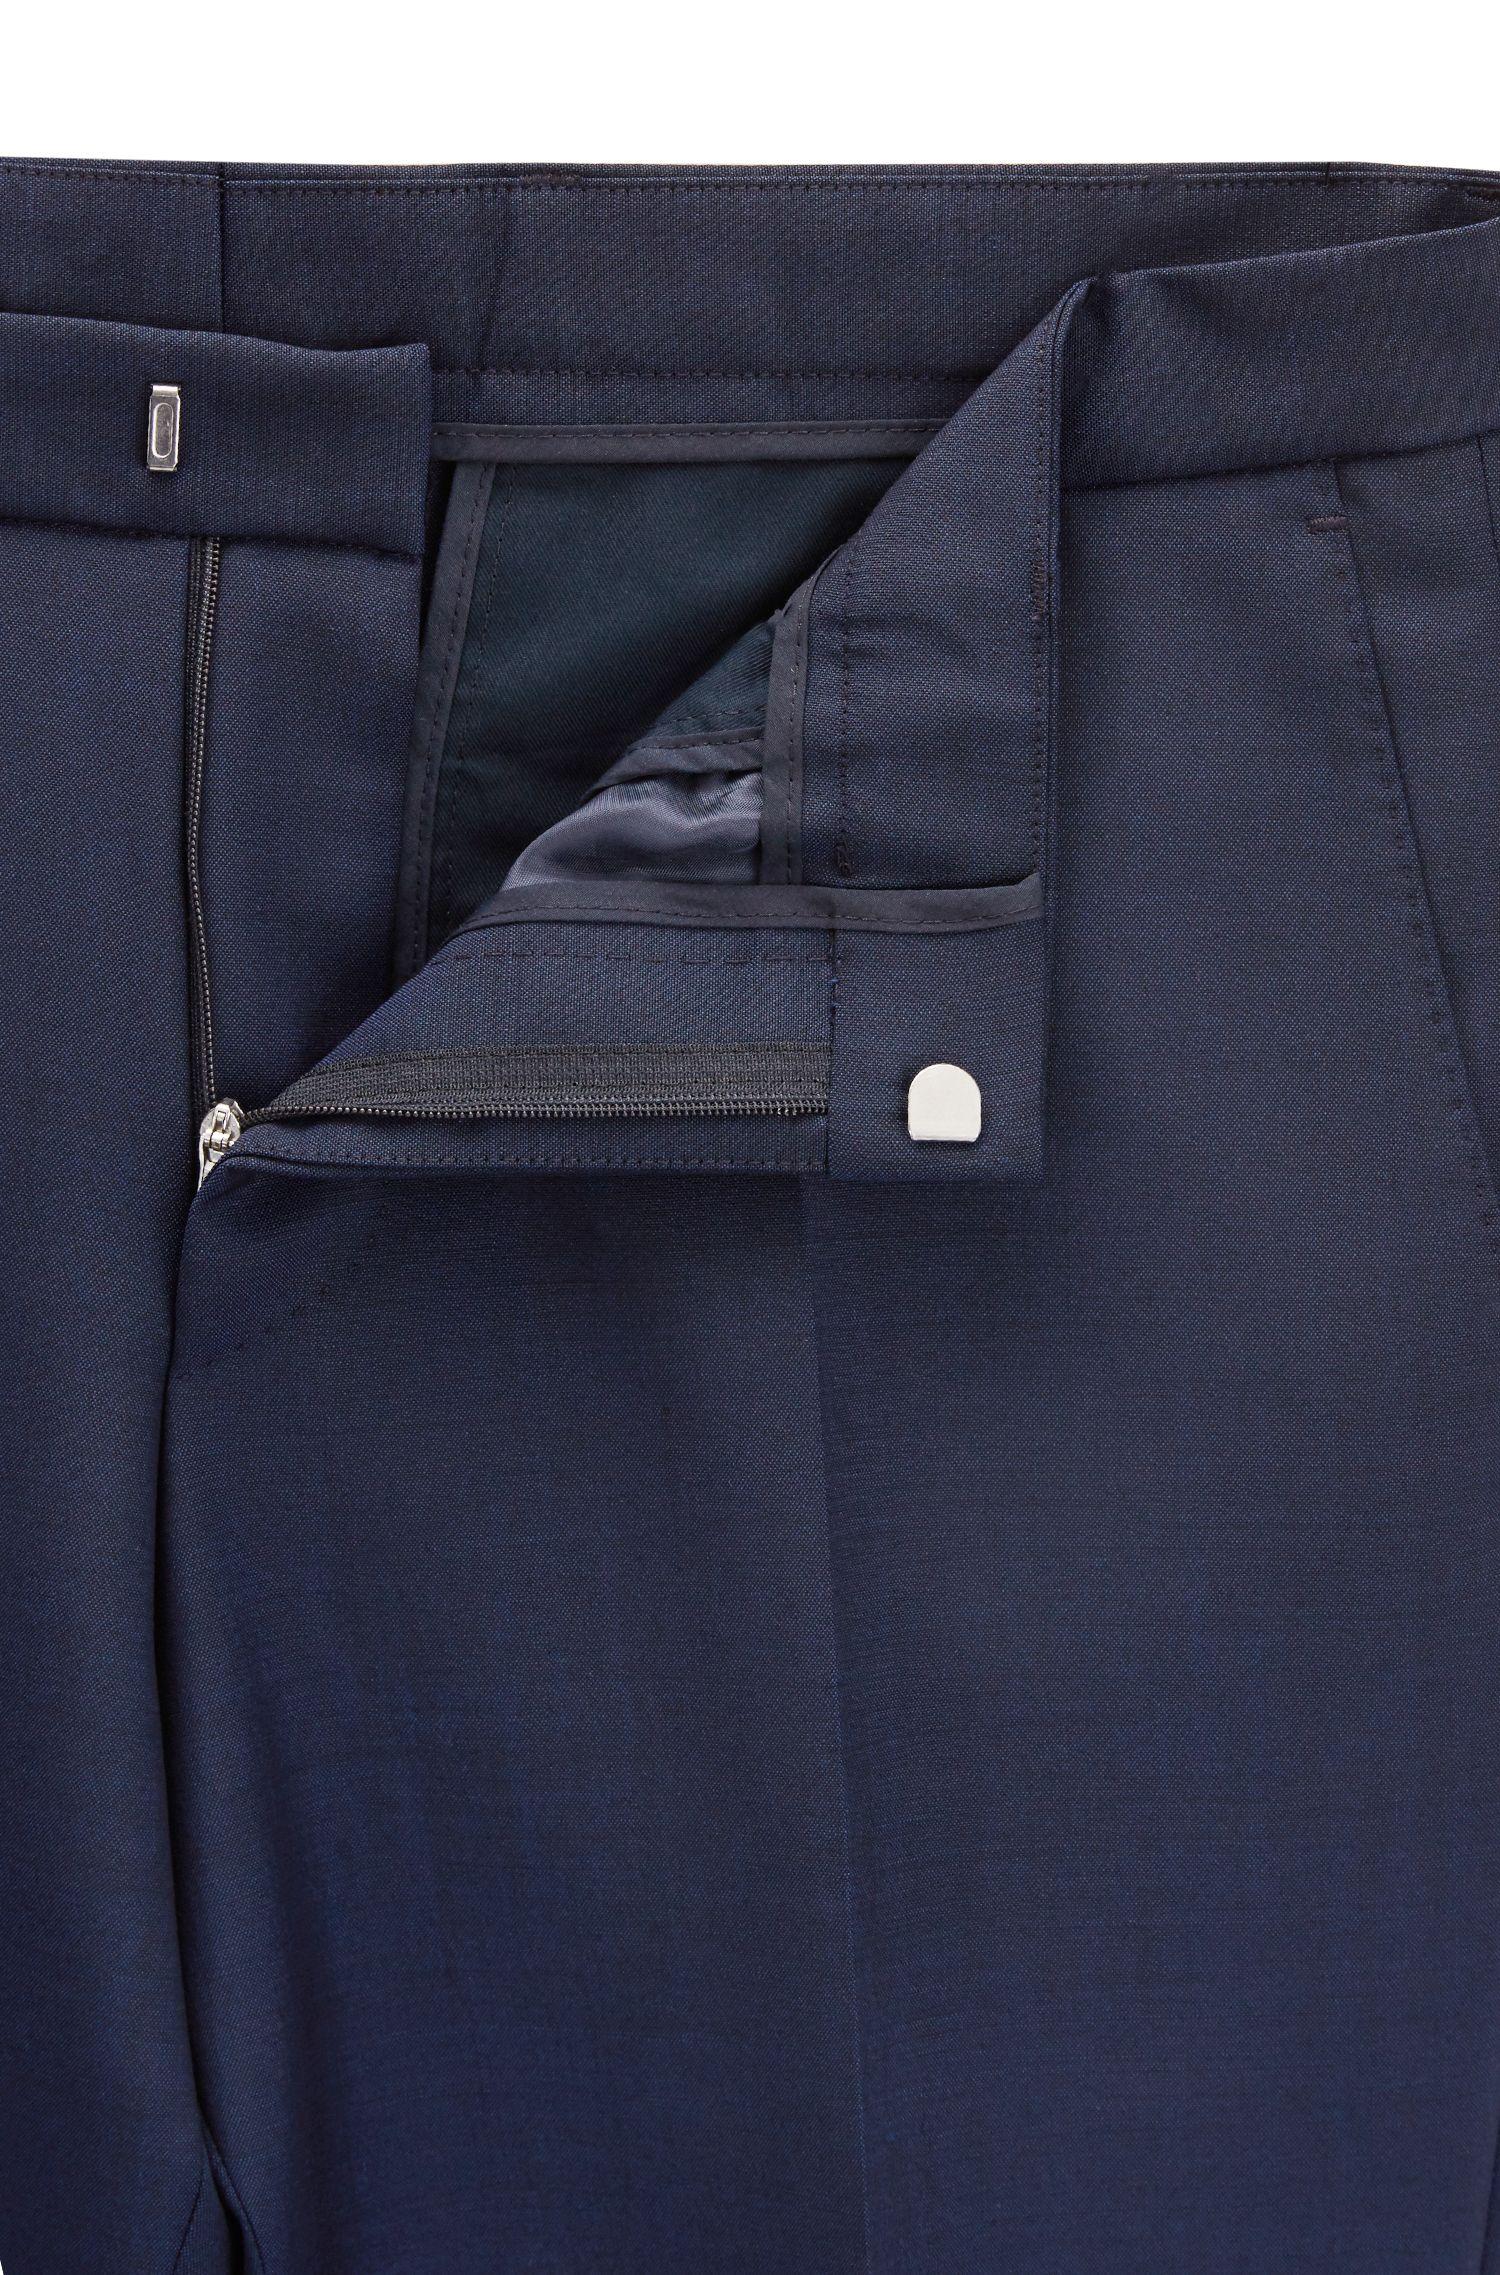 Slim-fit kostuum van een wolmix, met twee rijen knopen